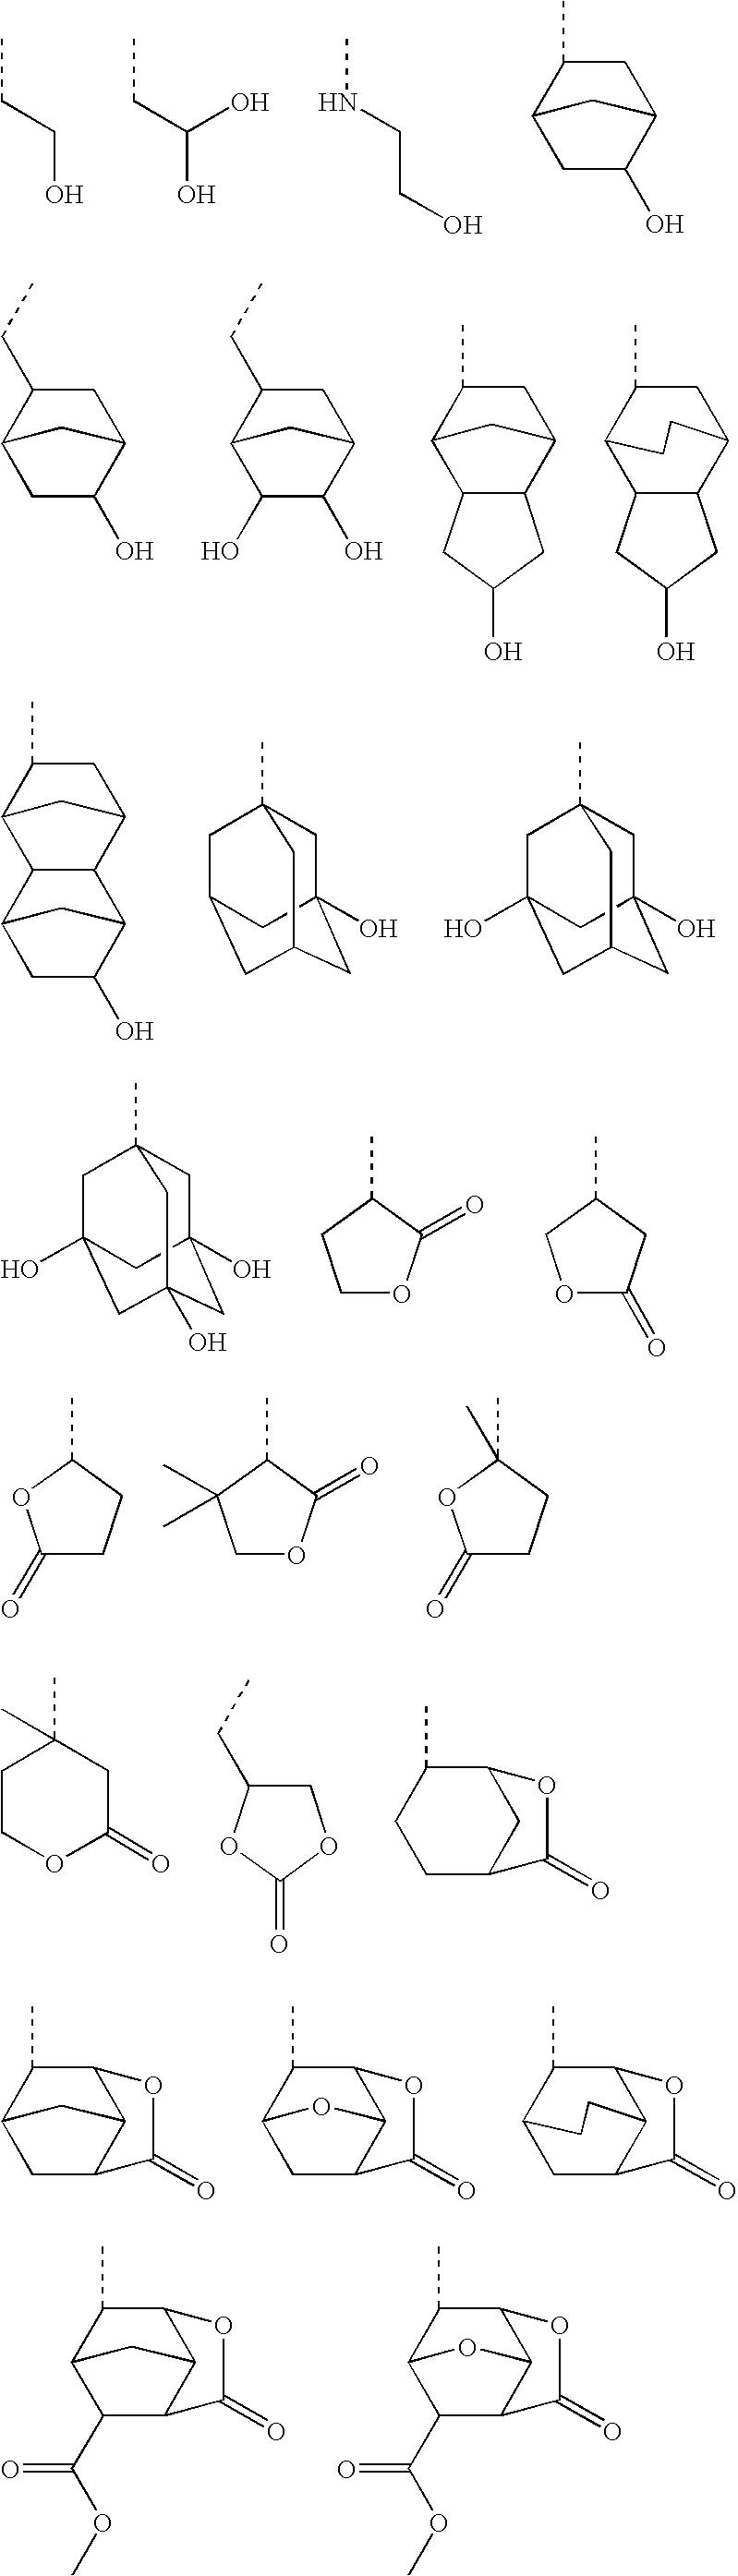 Figure US20060094817A1-20060504-C00041